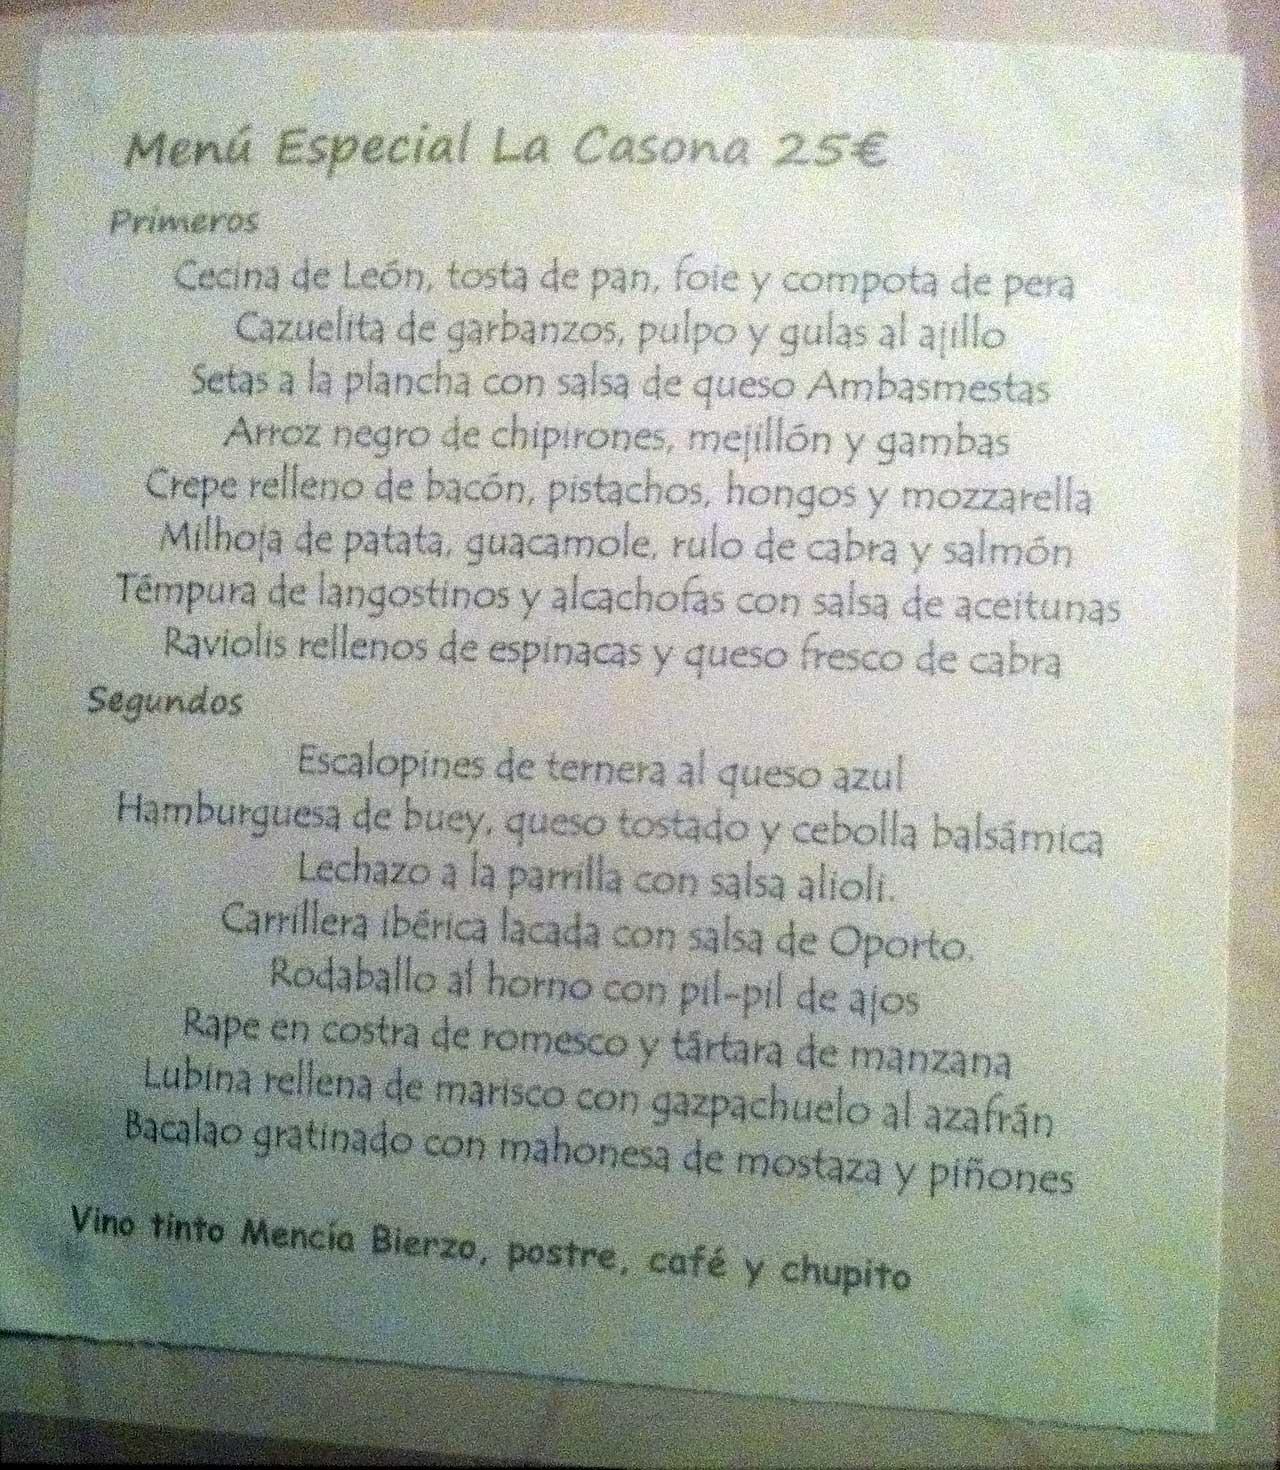 Menu Especial La Casona